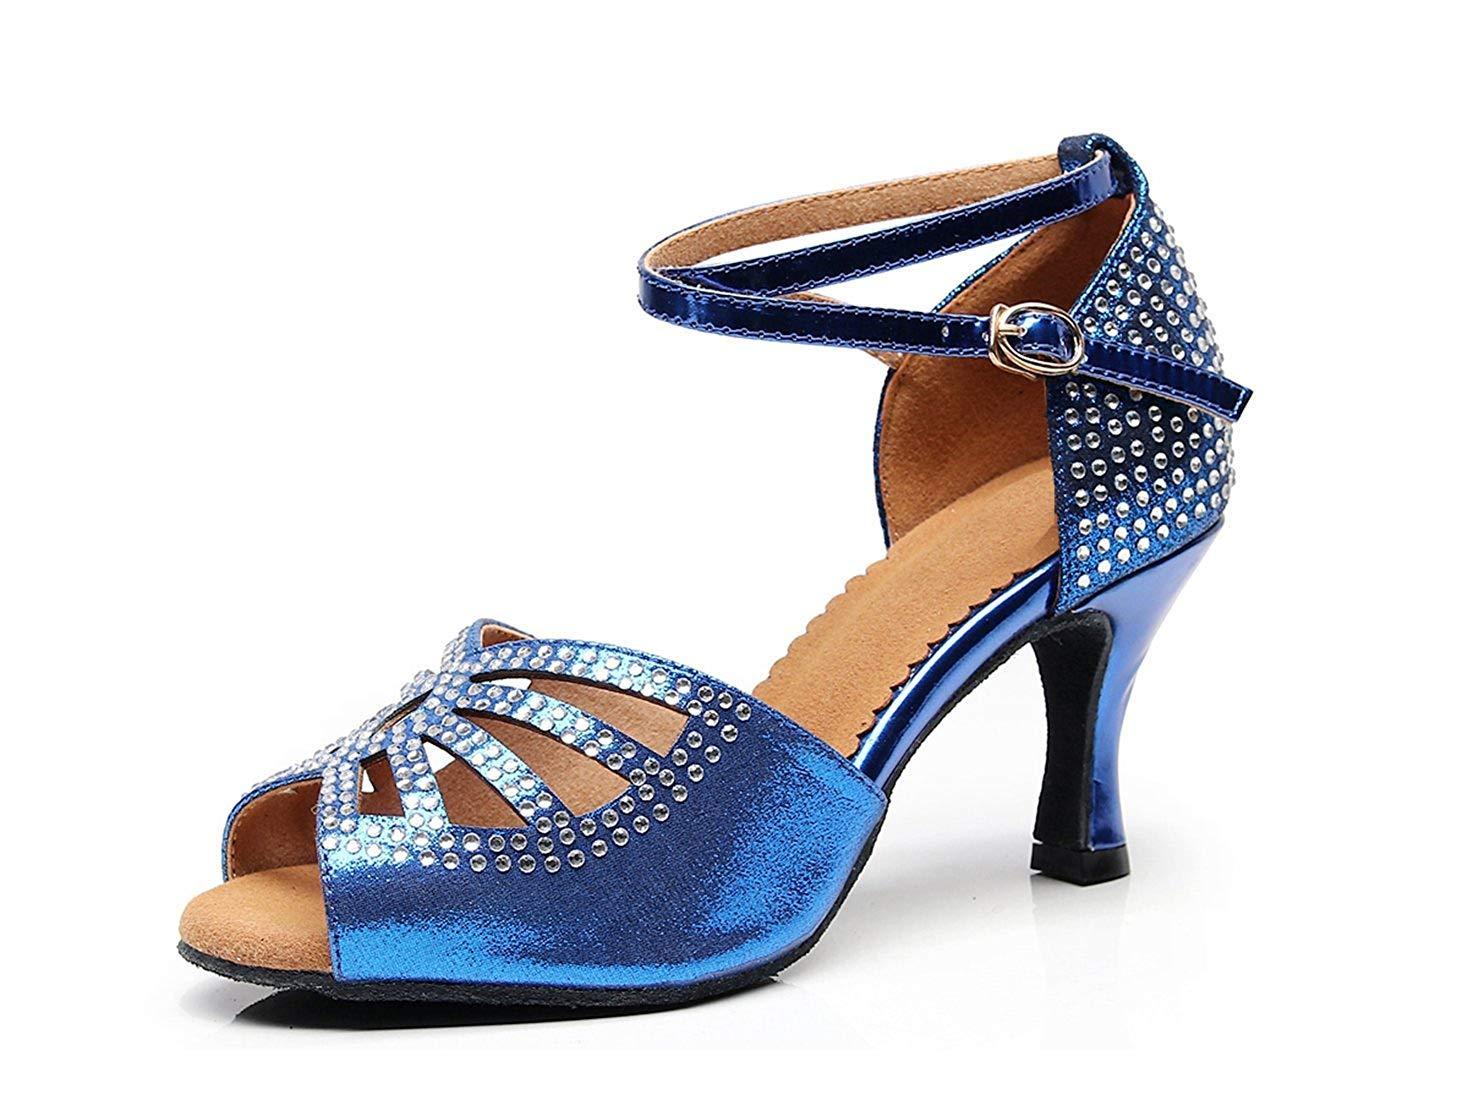 ZHRUI Damen Sparkle Crystalds verzierte Med Ferse Blau Tanzschuhe Hochzeits Party Sandalen UK 8 (Farbe   - Größe   -)